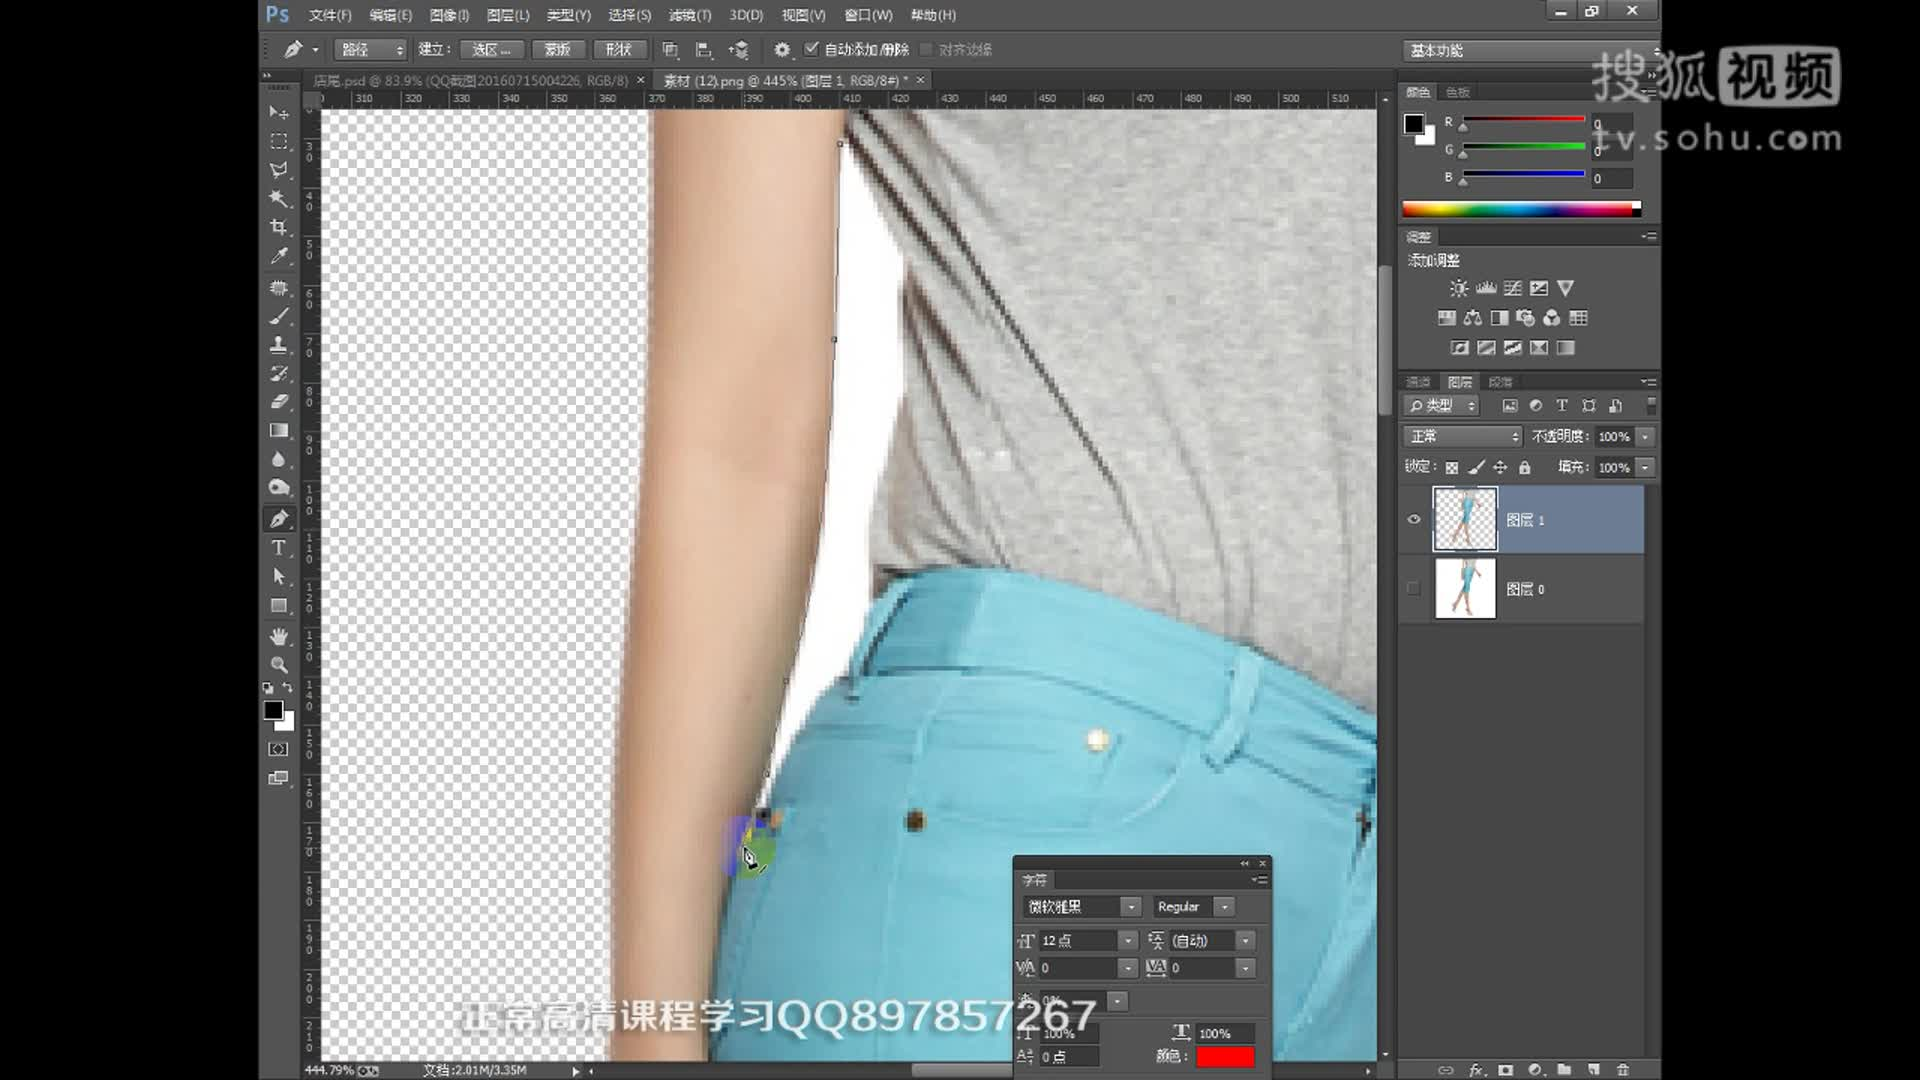 2016淘宝美工教程 女裤抠图教程 photoshop钢笔工具抠图